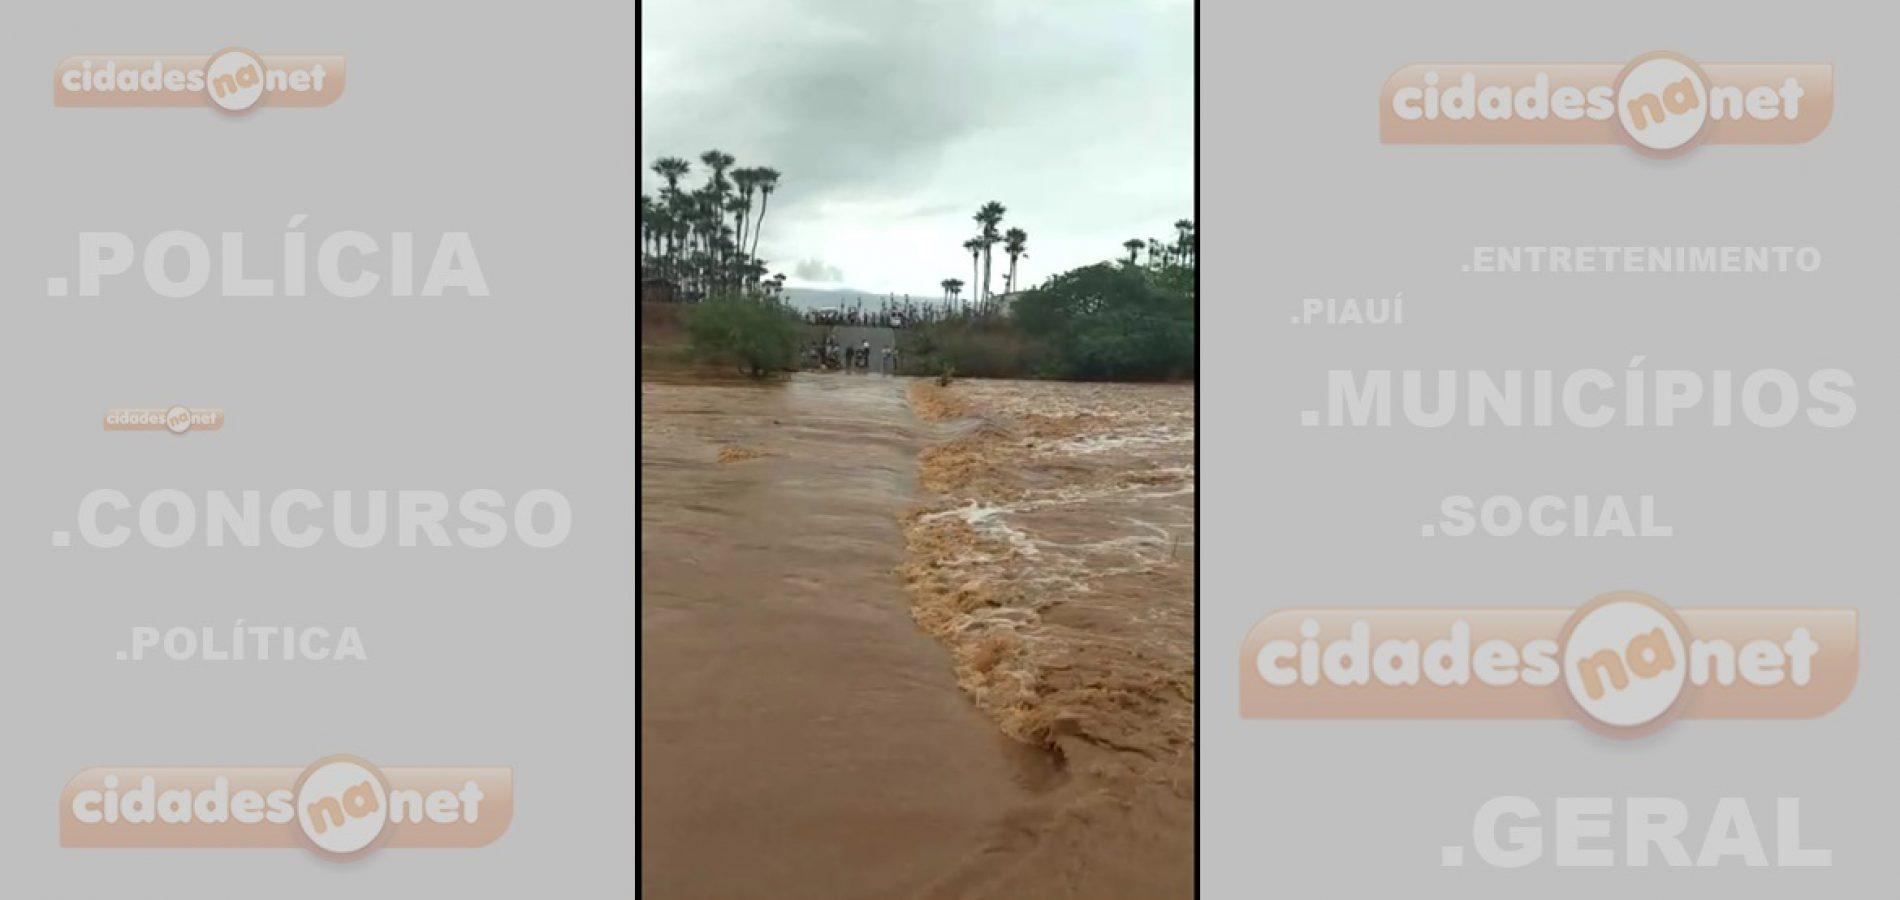 Após fortes chuvas,  Rio Itaim transborda e interdita rodovia em Santa Cruz do Piauí; assista o vídeo